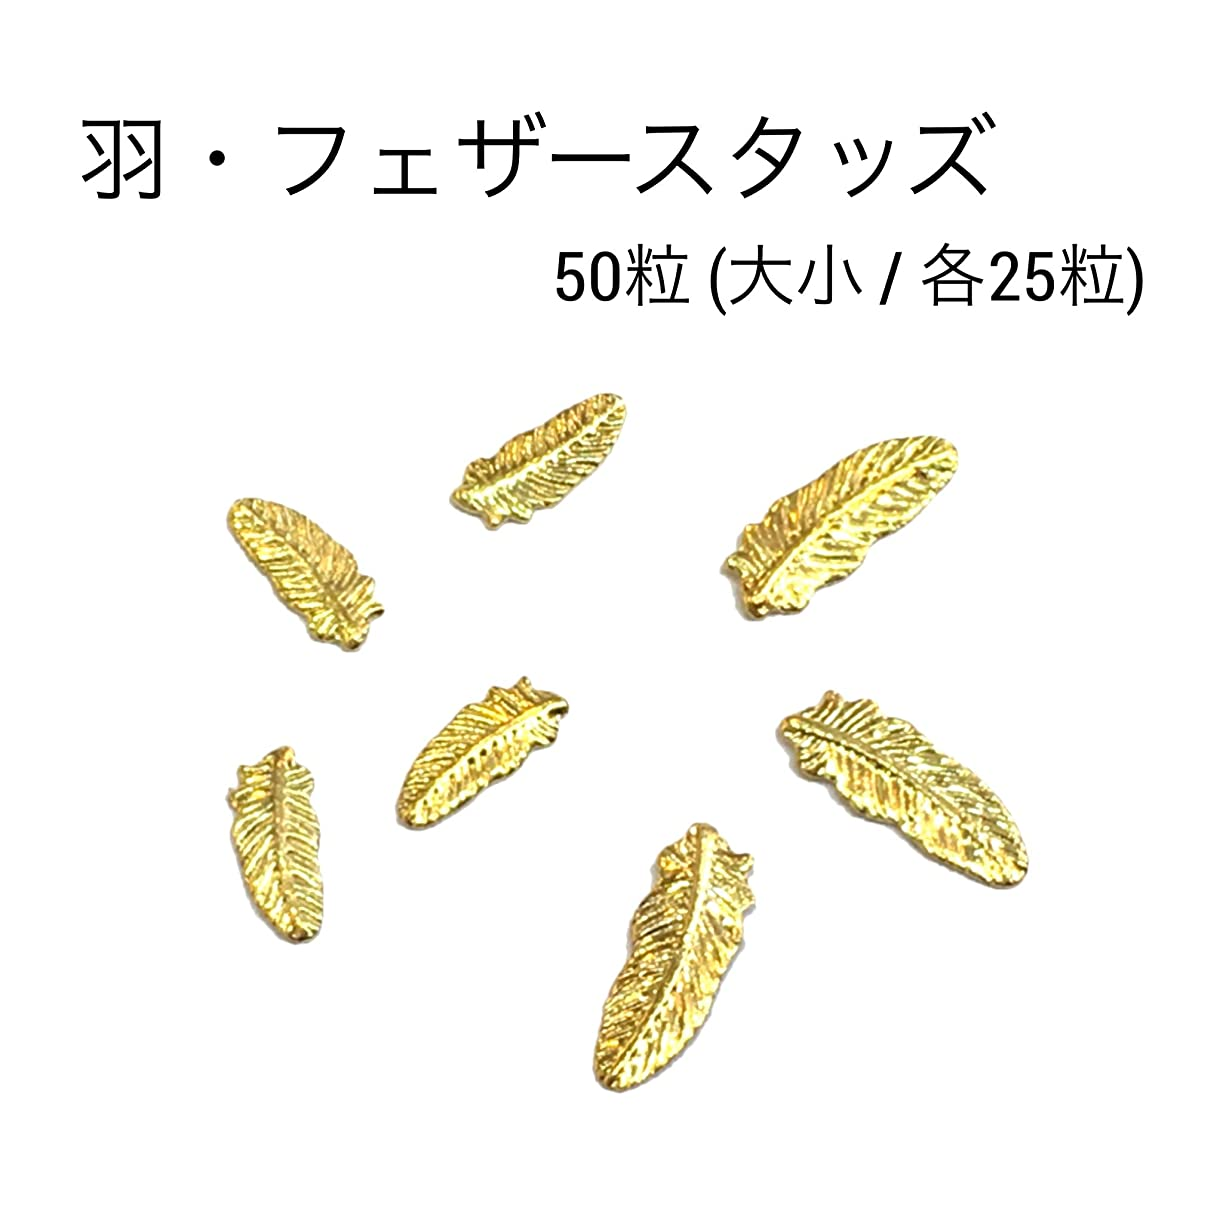 羽?フェザースタッズ?ゴールド50粒/(大.小/各25粒)